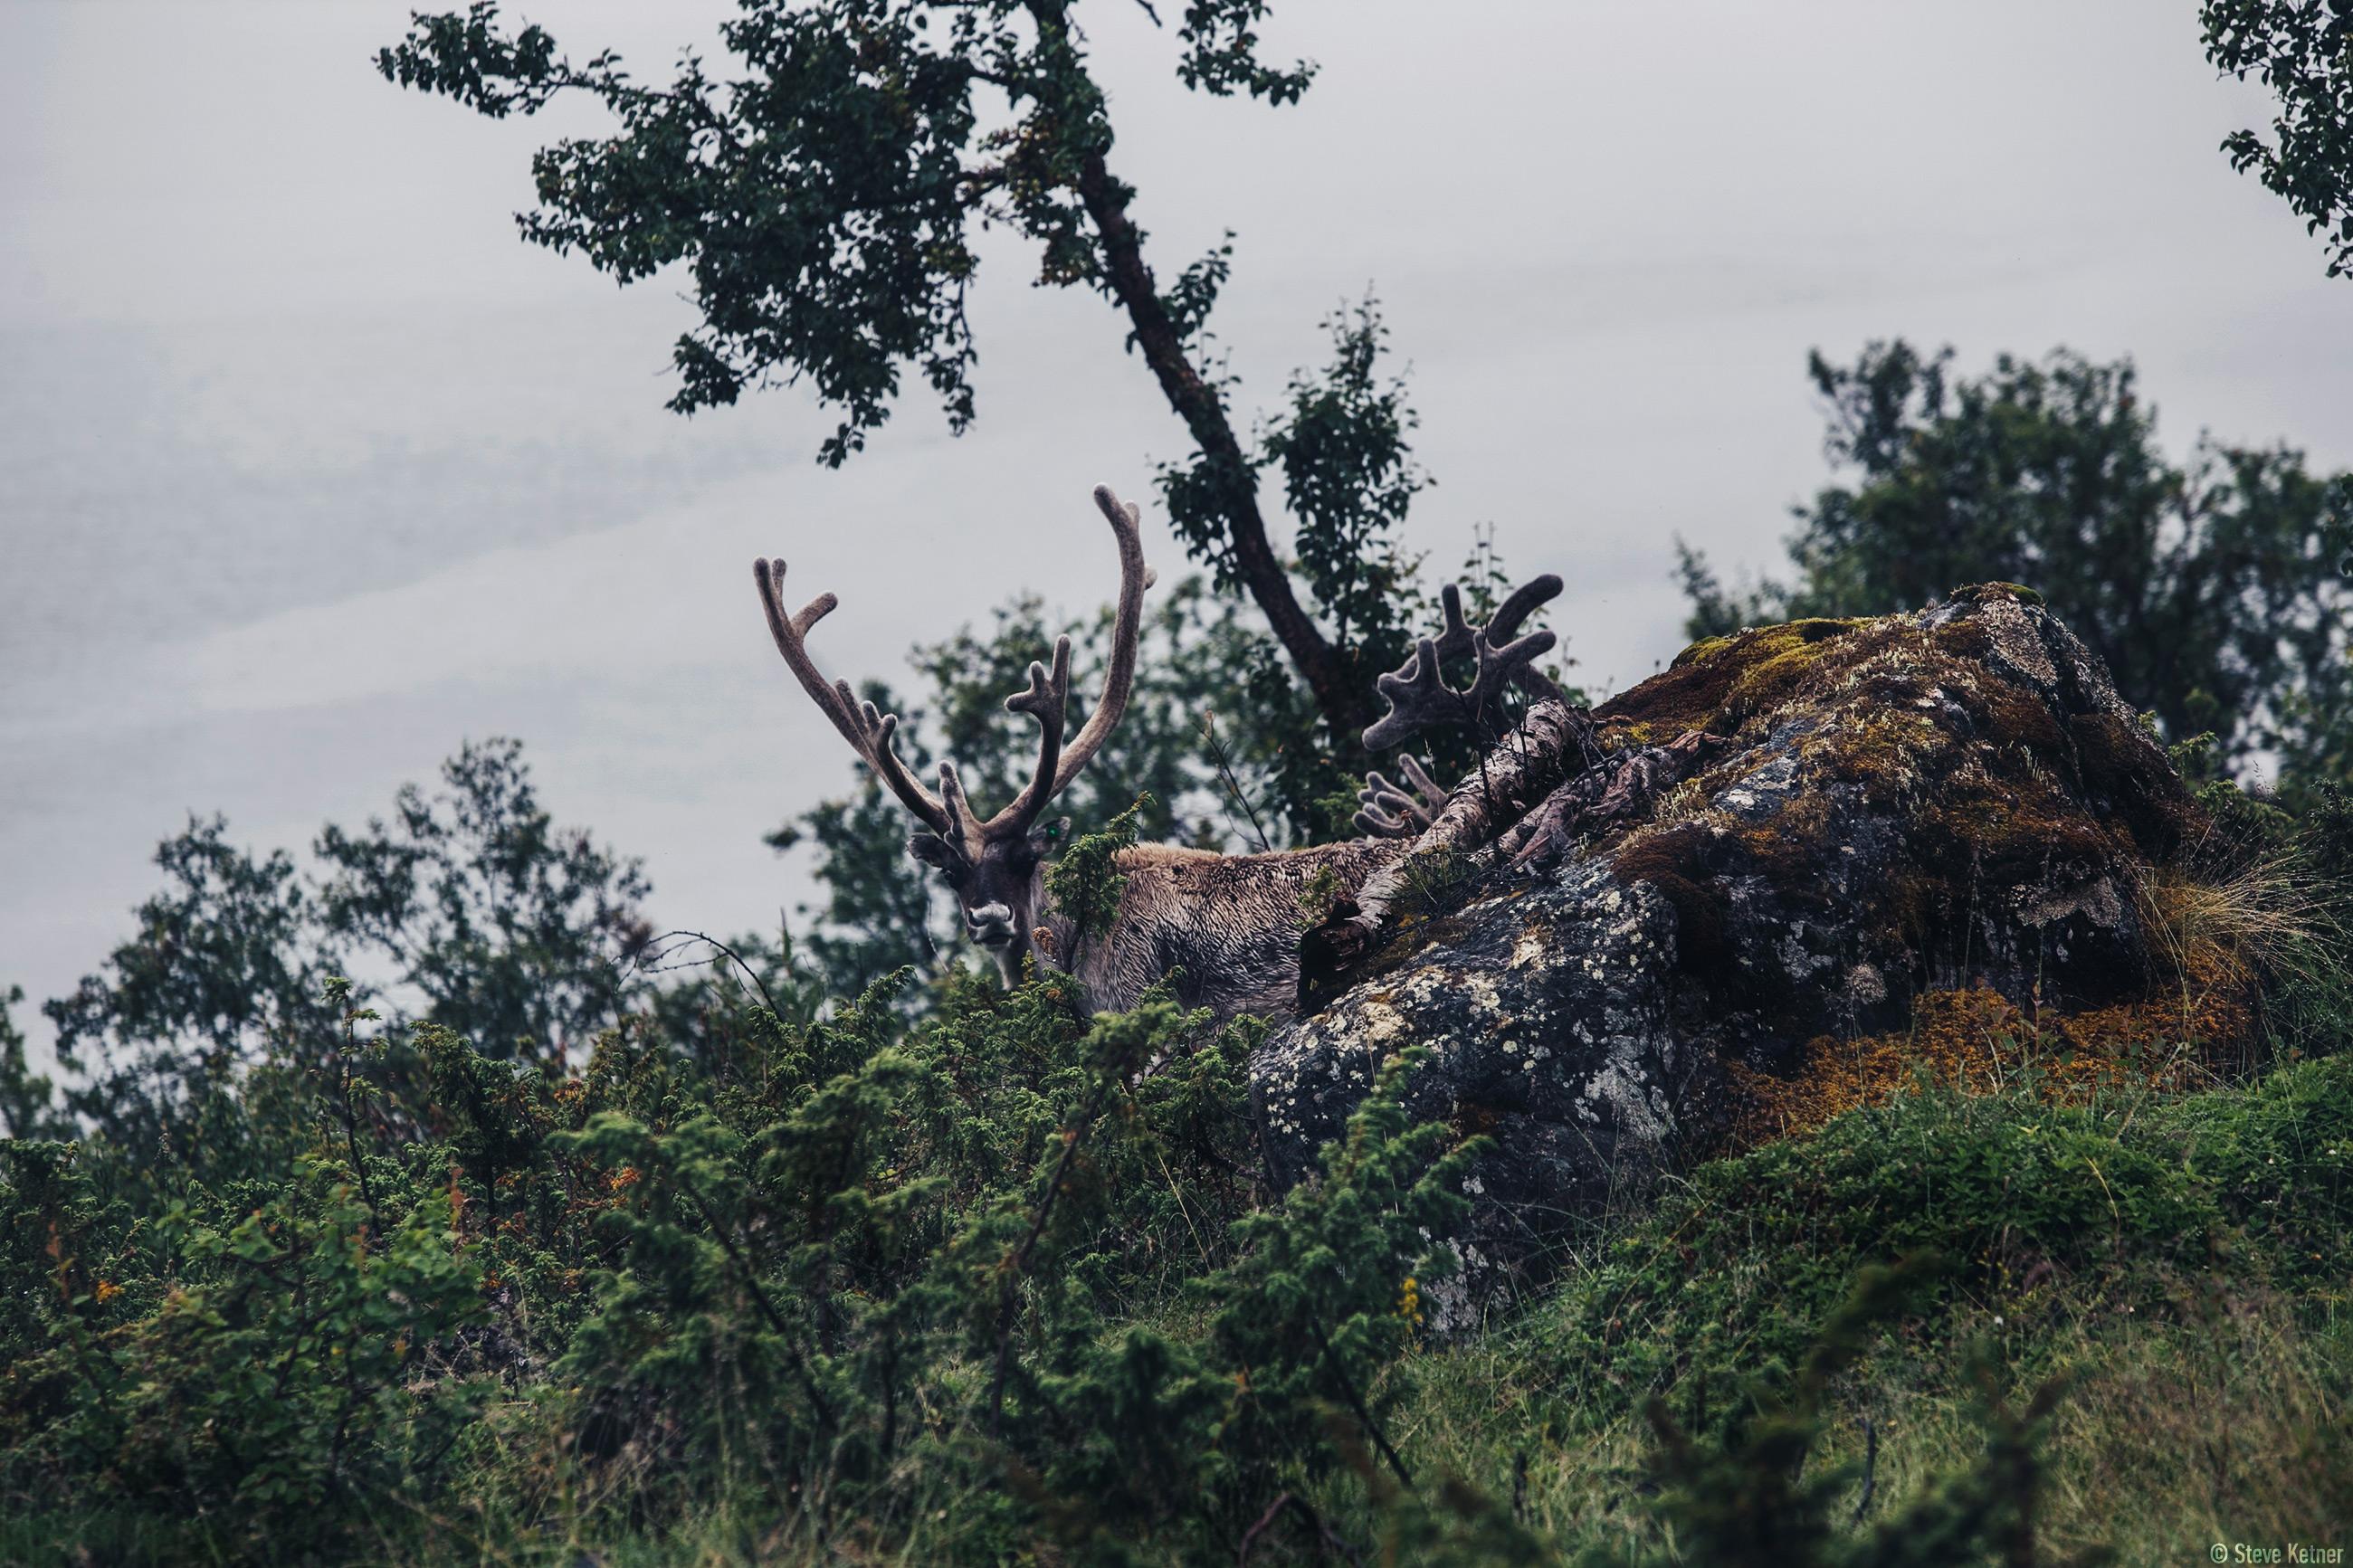 Steve Ketner - Norway's reindeers know how to camouflage